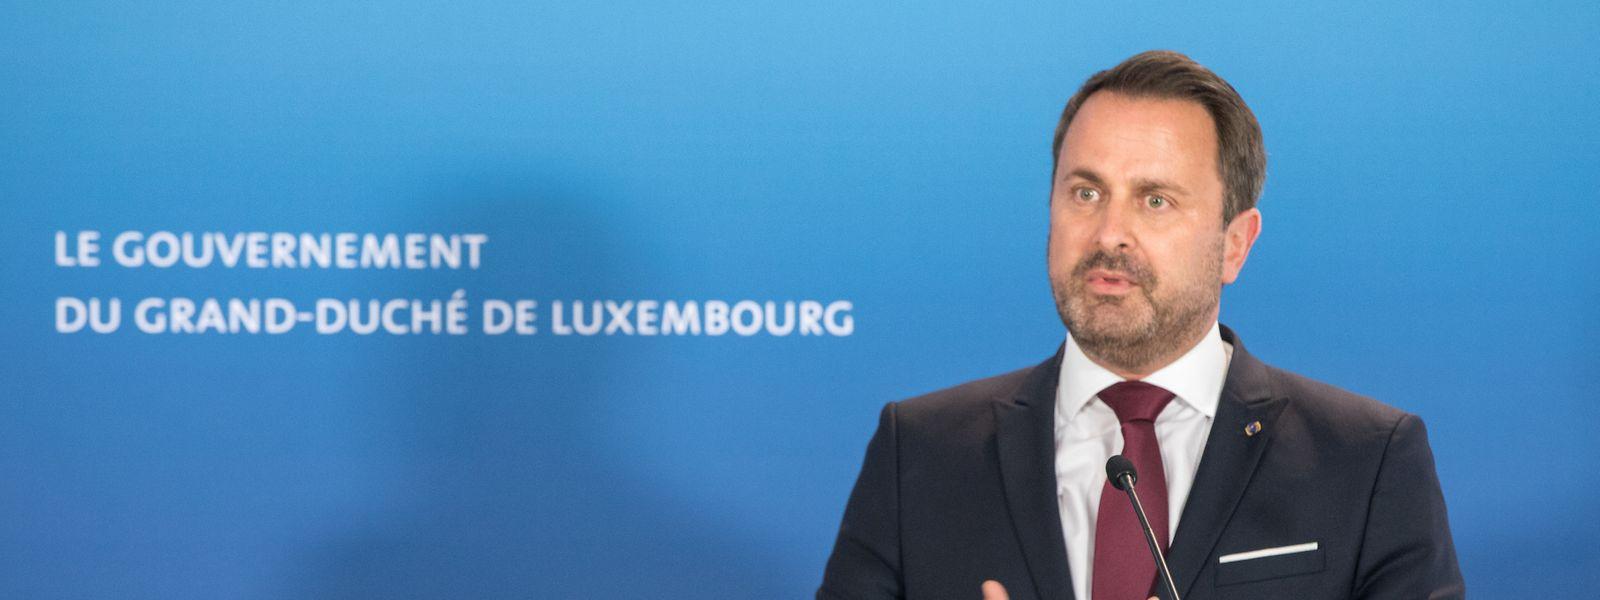 Xavier Bettel annonce qu'il informera ses partenaires européens sur la situation sanitaire au Luxembourg lors du prochain Conseil européen, prévu vendredi et samedi.